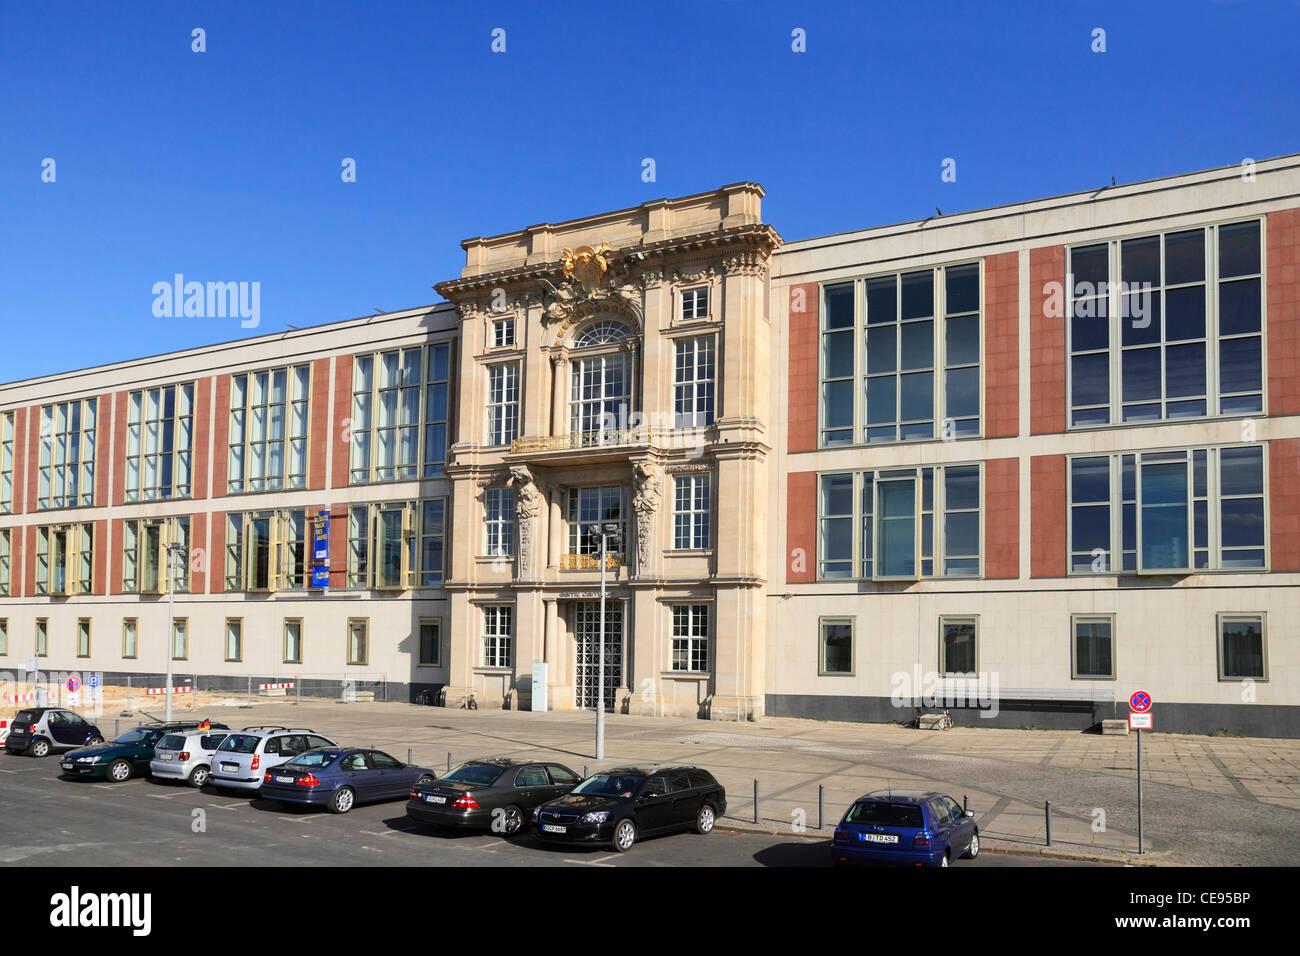 european school of management and technology (esmt), schlossplatz